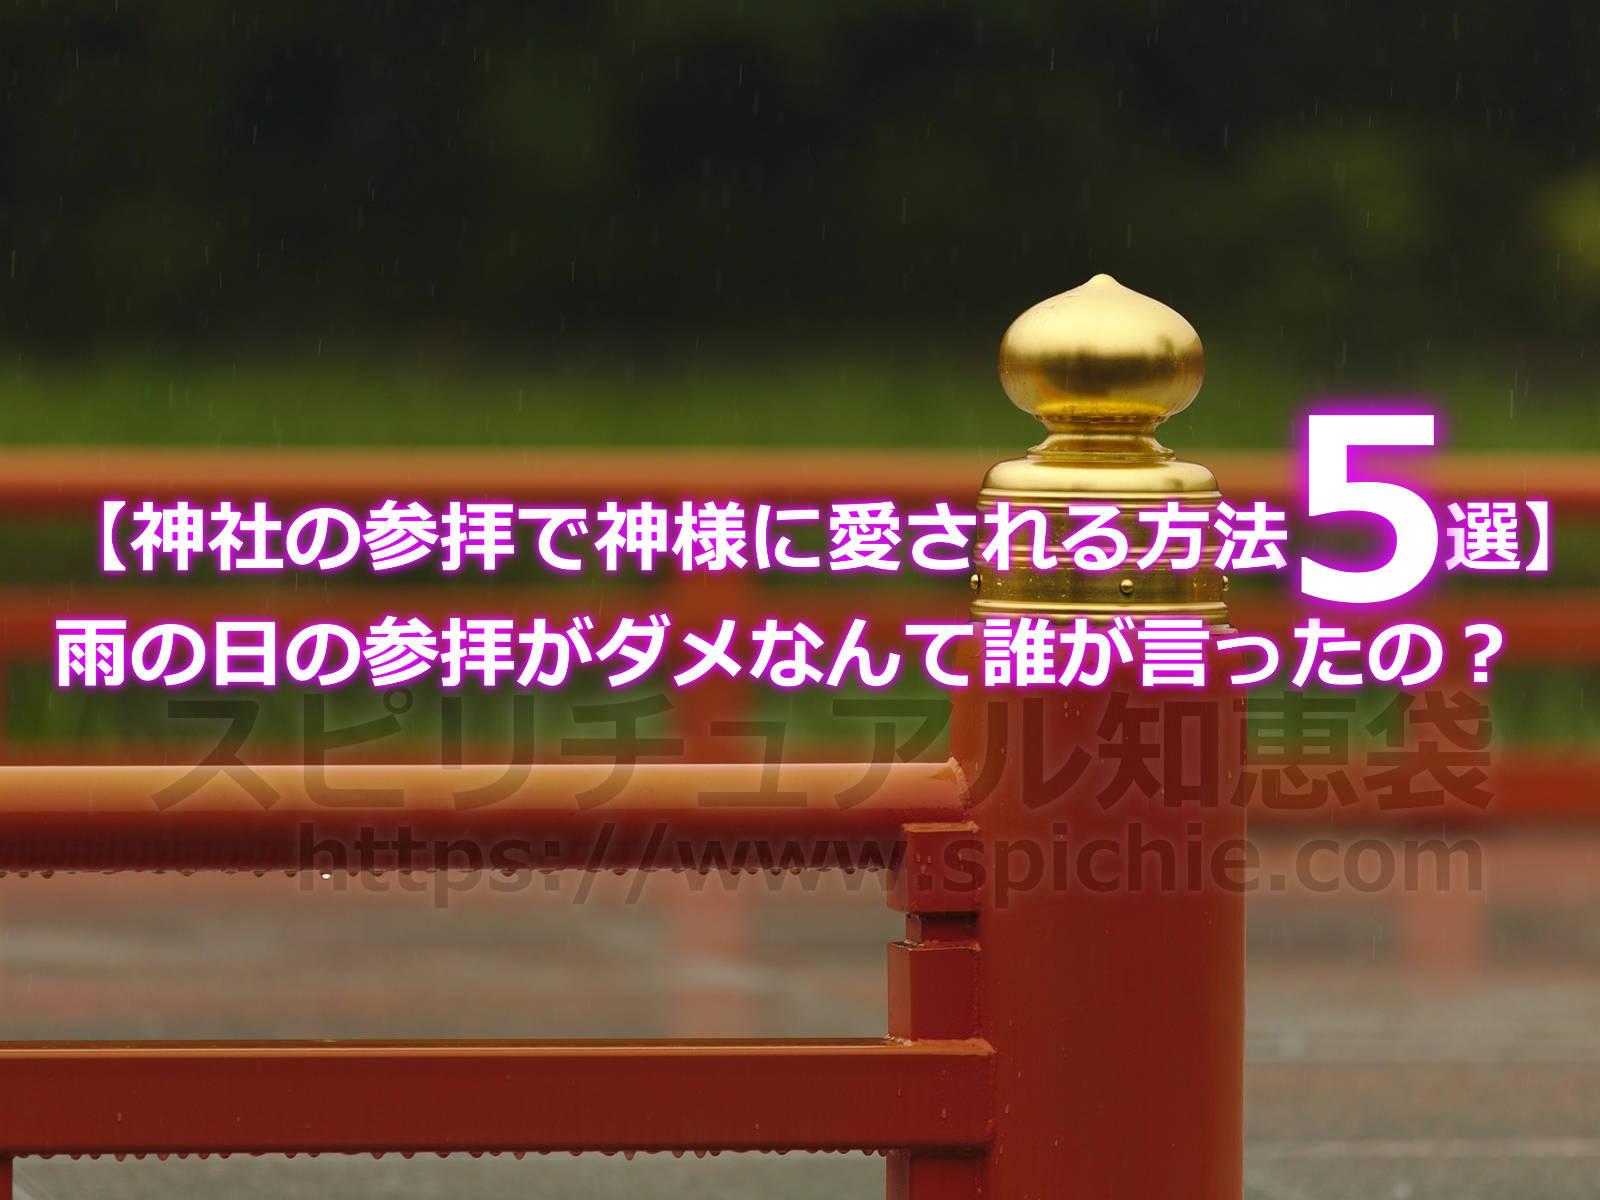 【神社の参拝で神様に愛される方法5選】雨の日の参拝がダメなんて誰が言ったの?